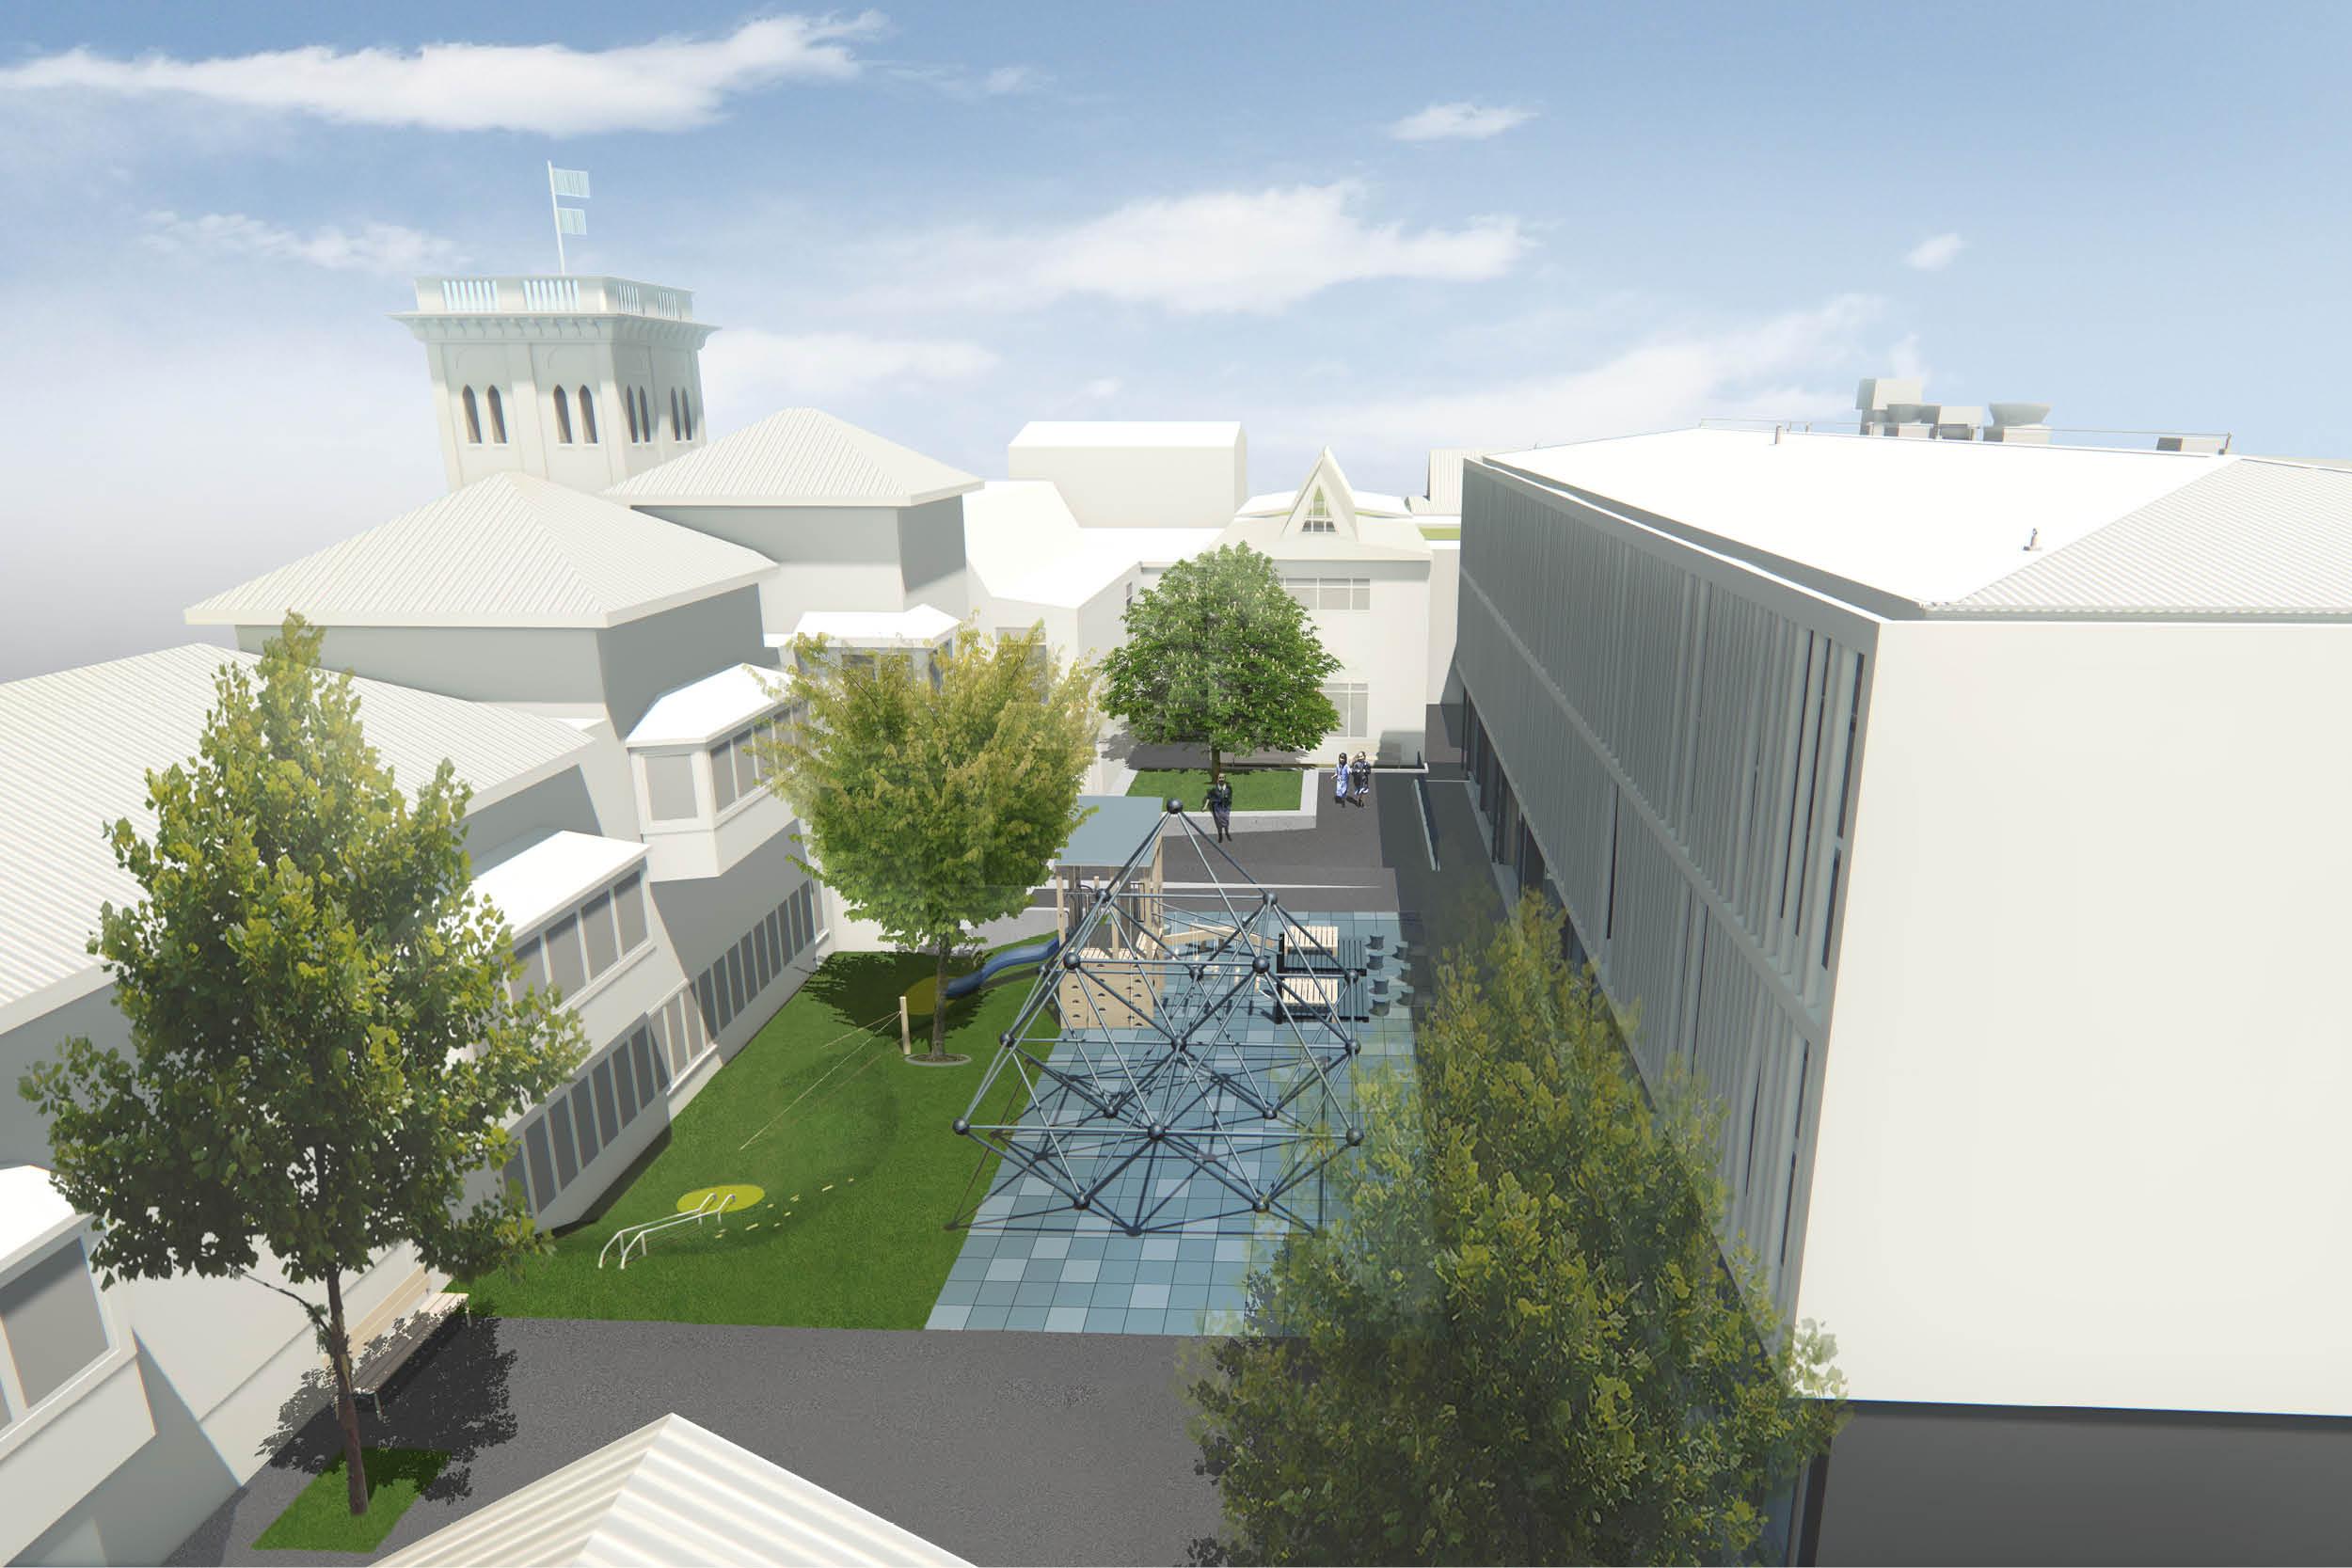 Courtyard_Playground_Landscape_Architecture.jpg